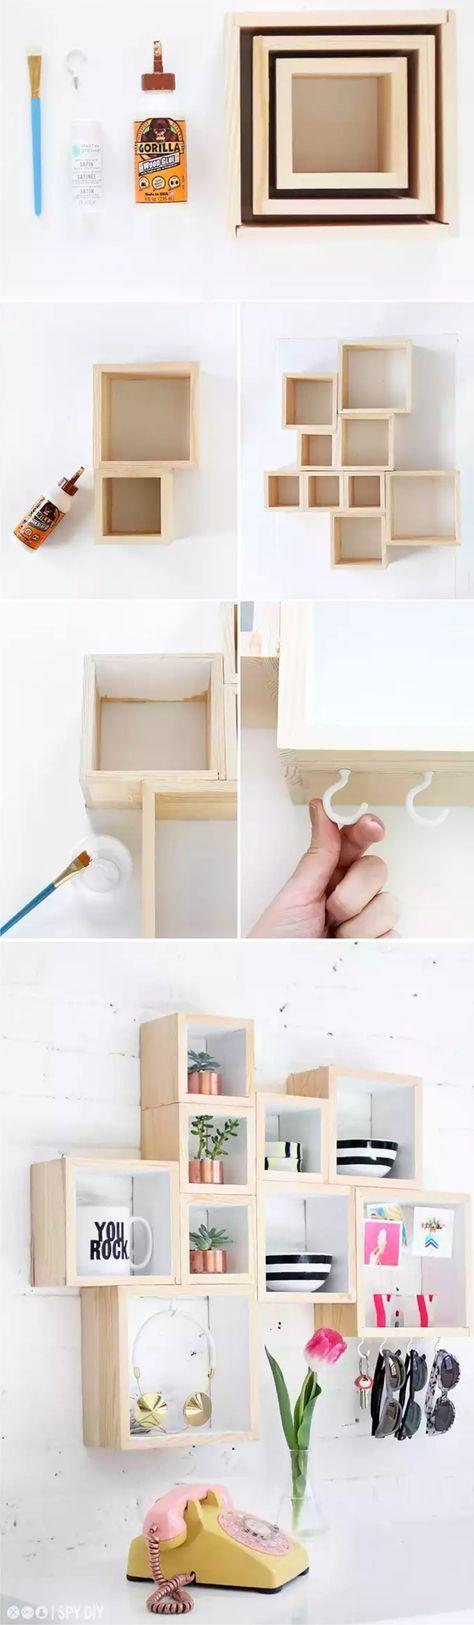 Huis decoratie zelf maken 1